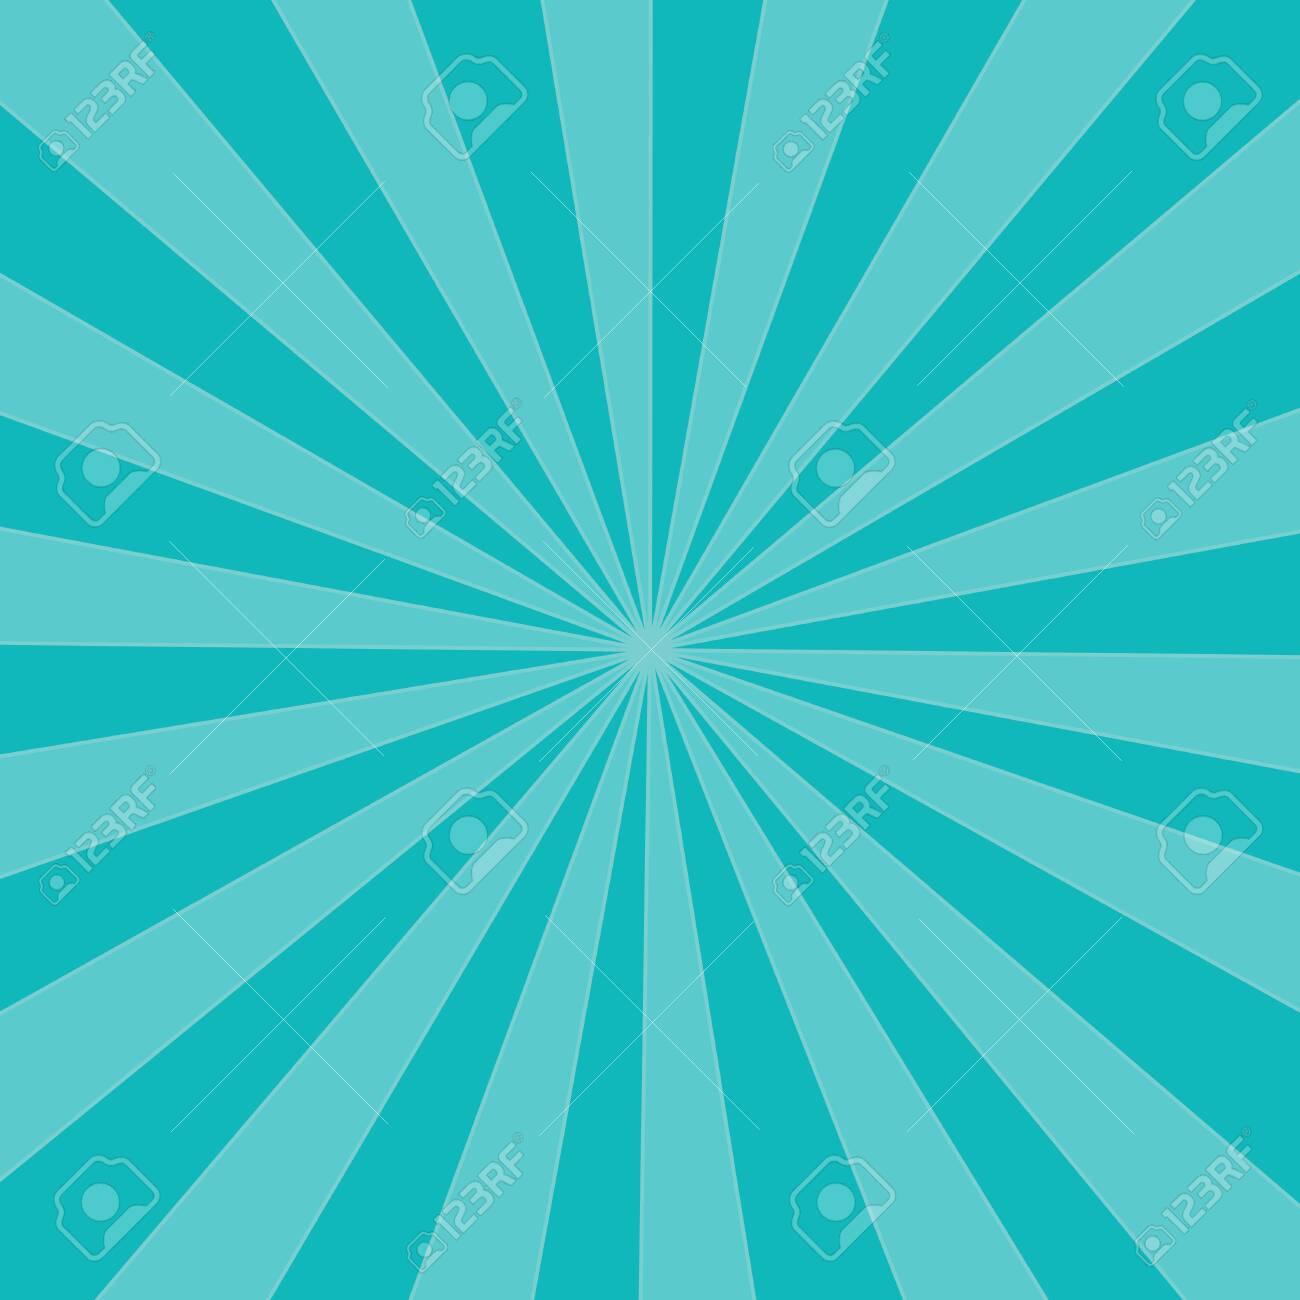 soft light Blue color sunburst background. Vector illustration. eps - 152009100